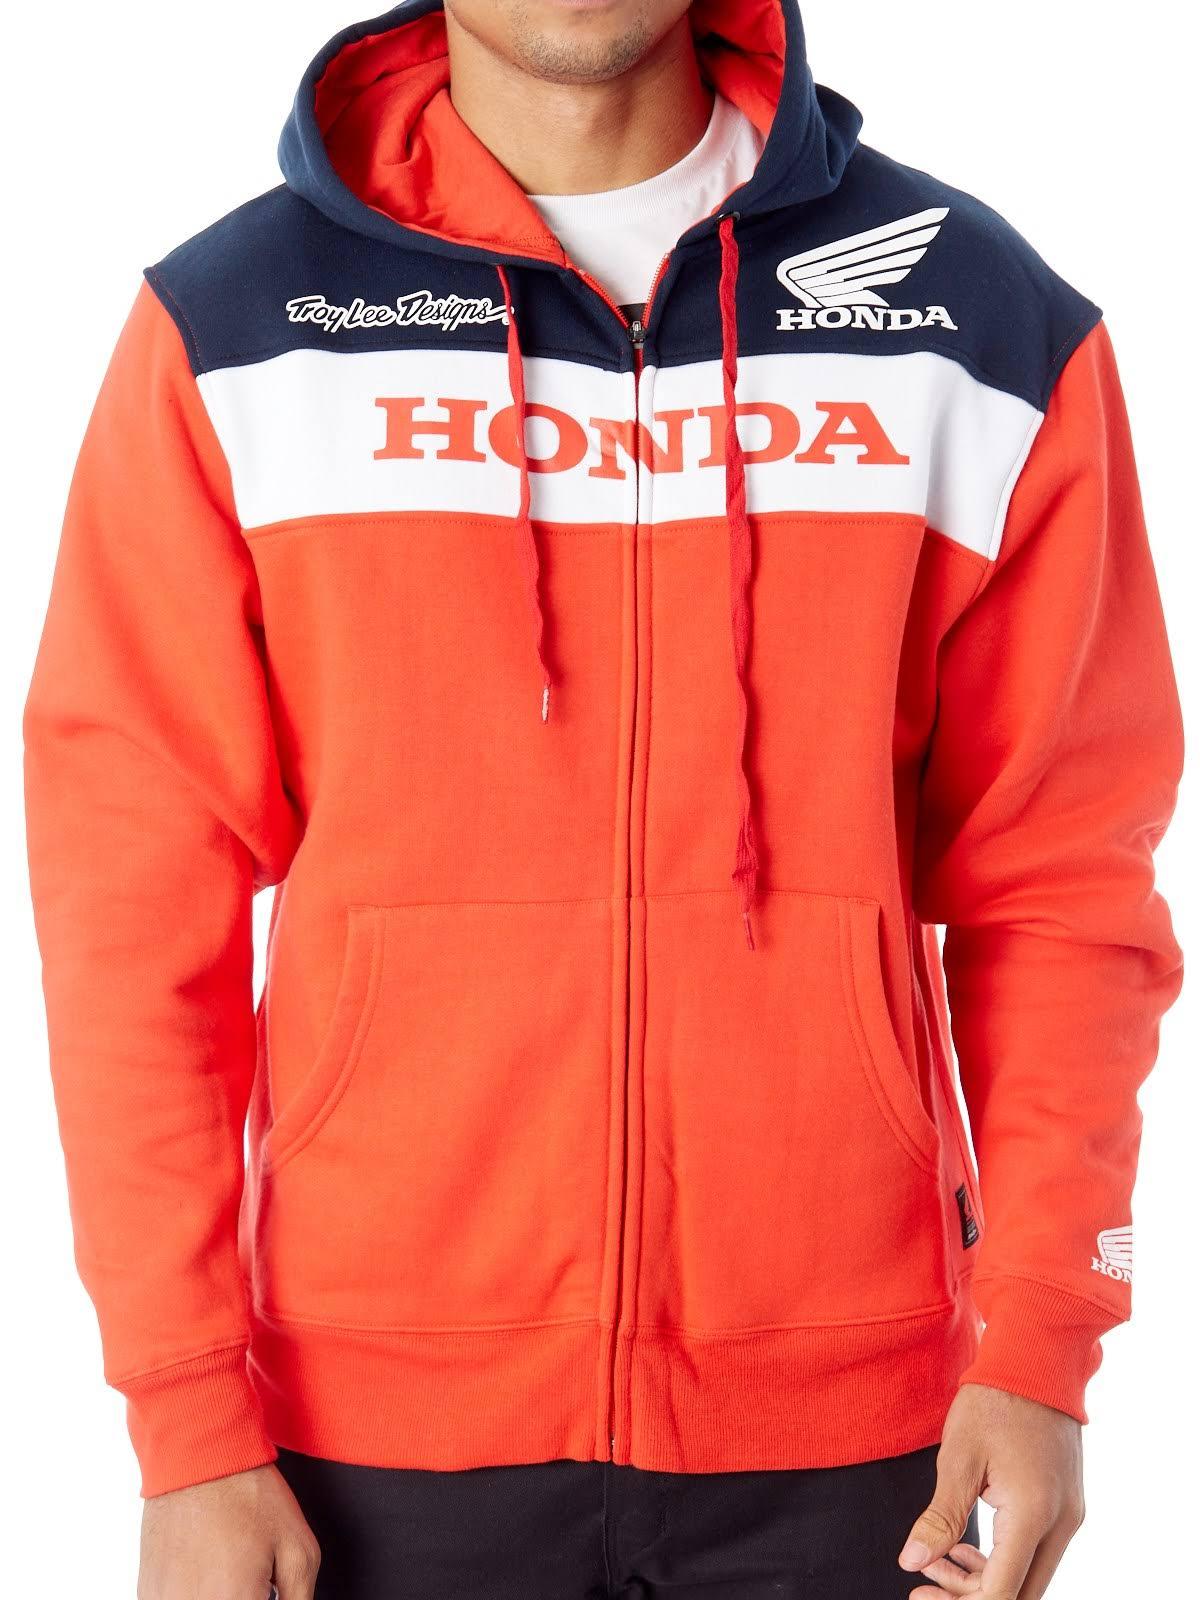 Xl Con Sudadera Tamaño Y Honda Capucha Wings Cremallera zTfUq